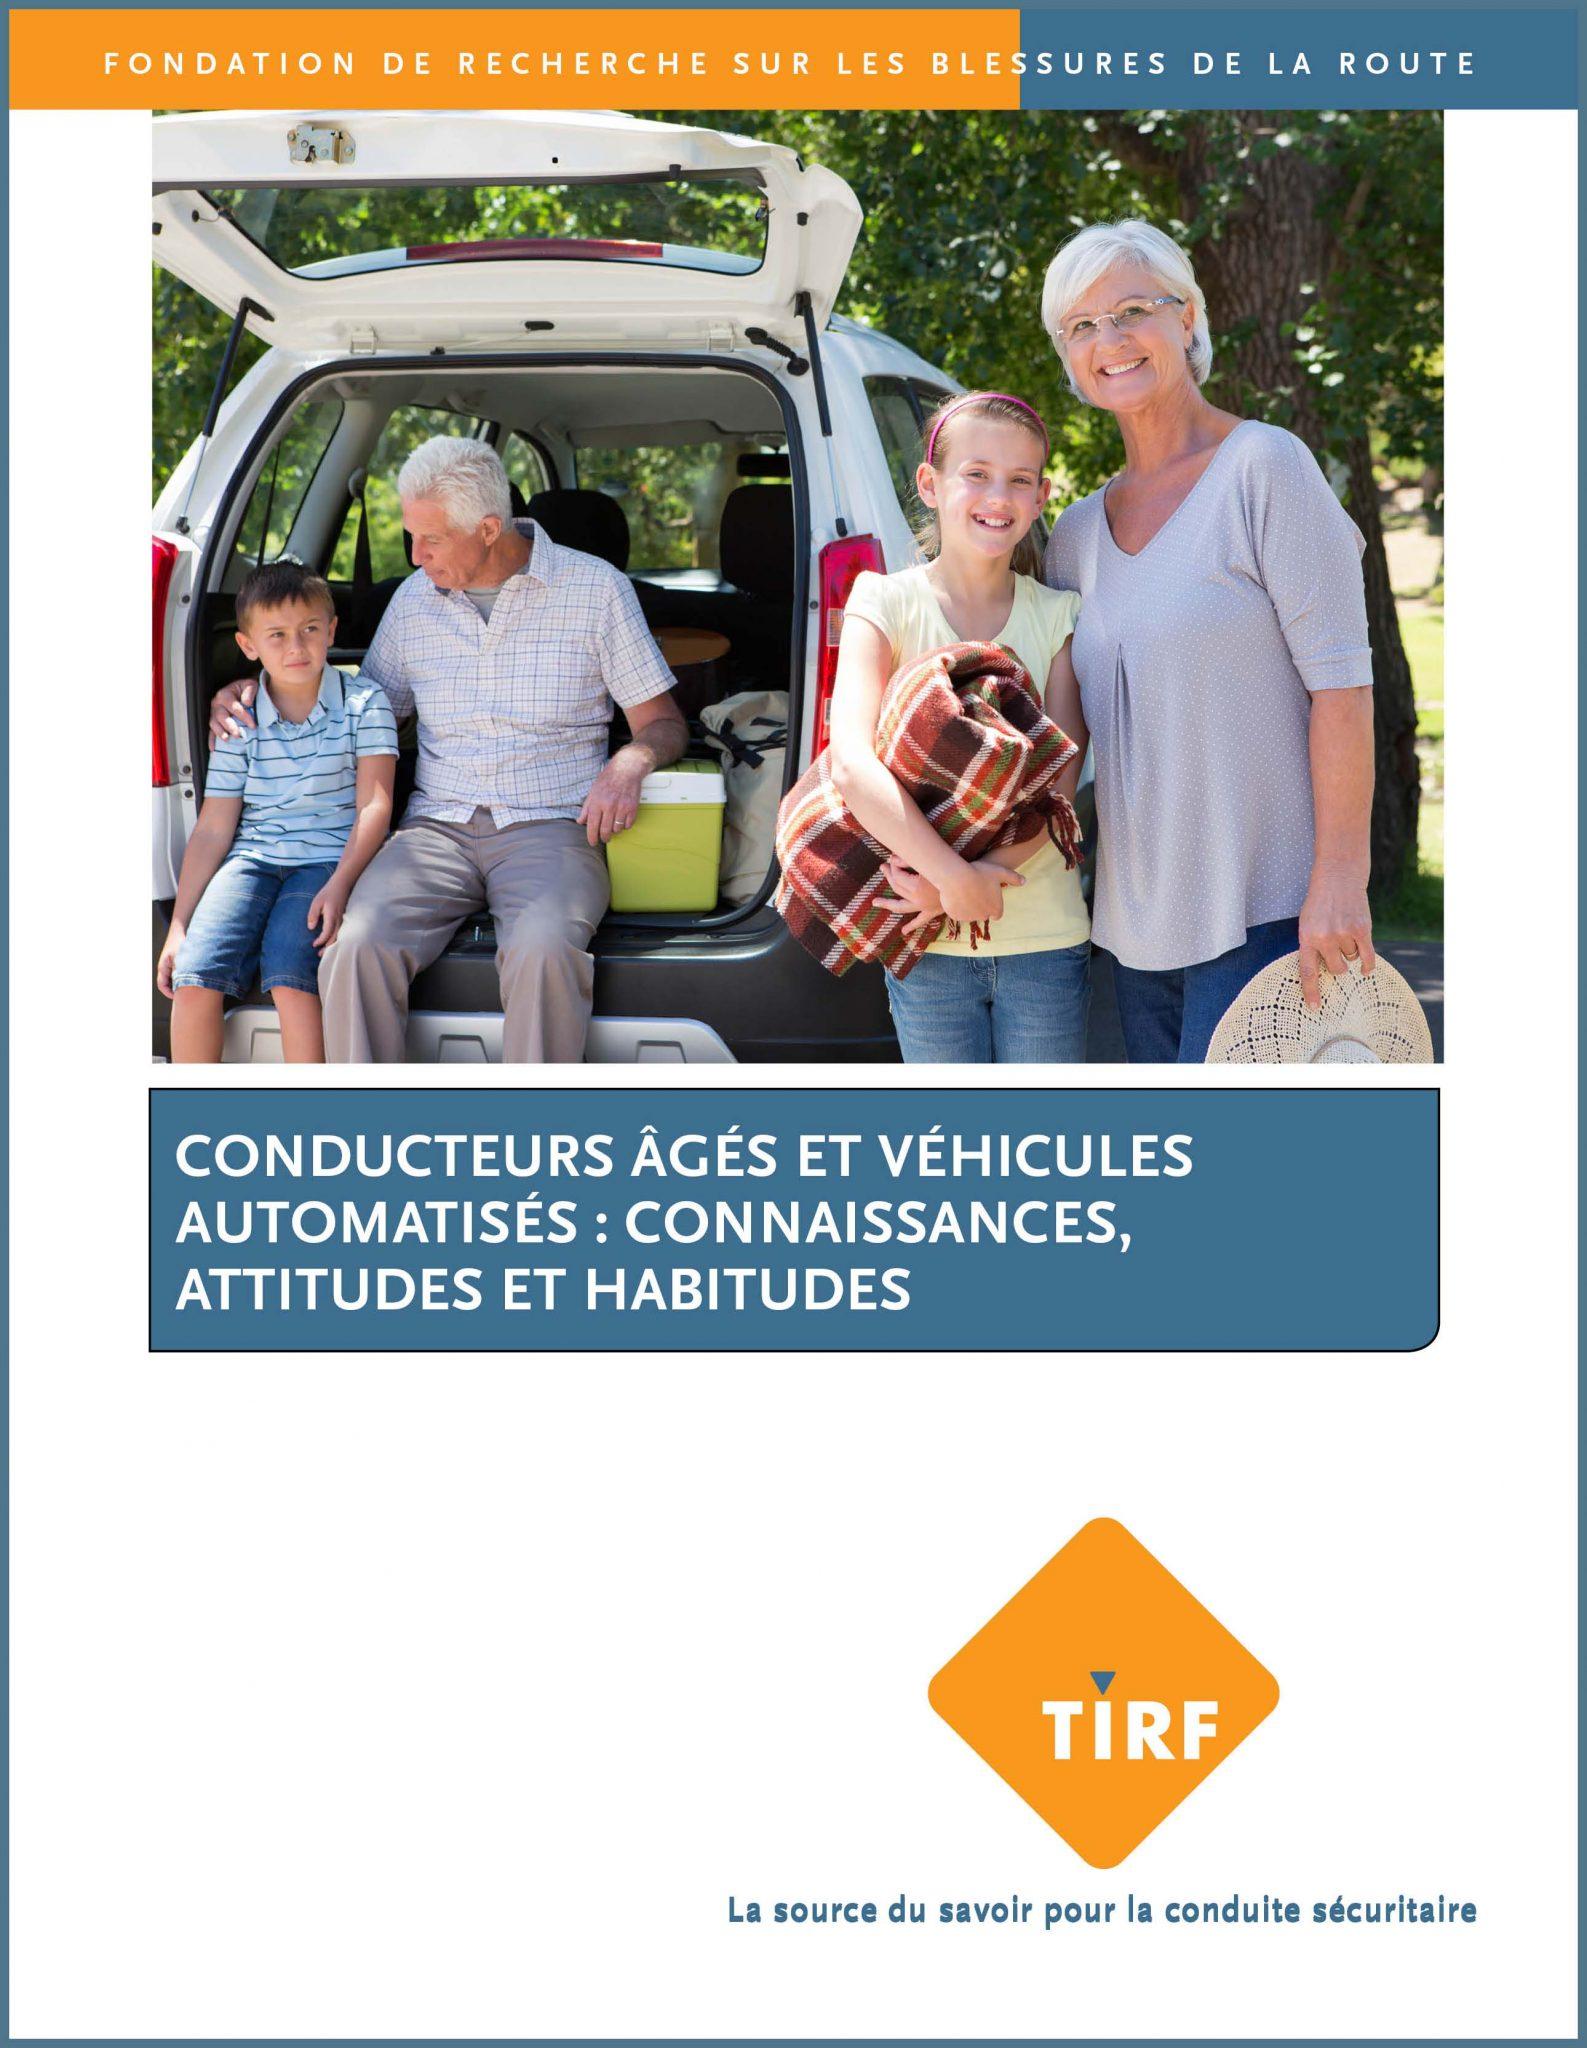 Conducteurs âgés et véhicules automatisés : connaissances, attitudes et habitudes